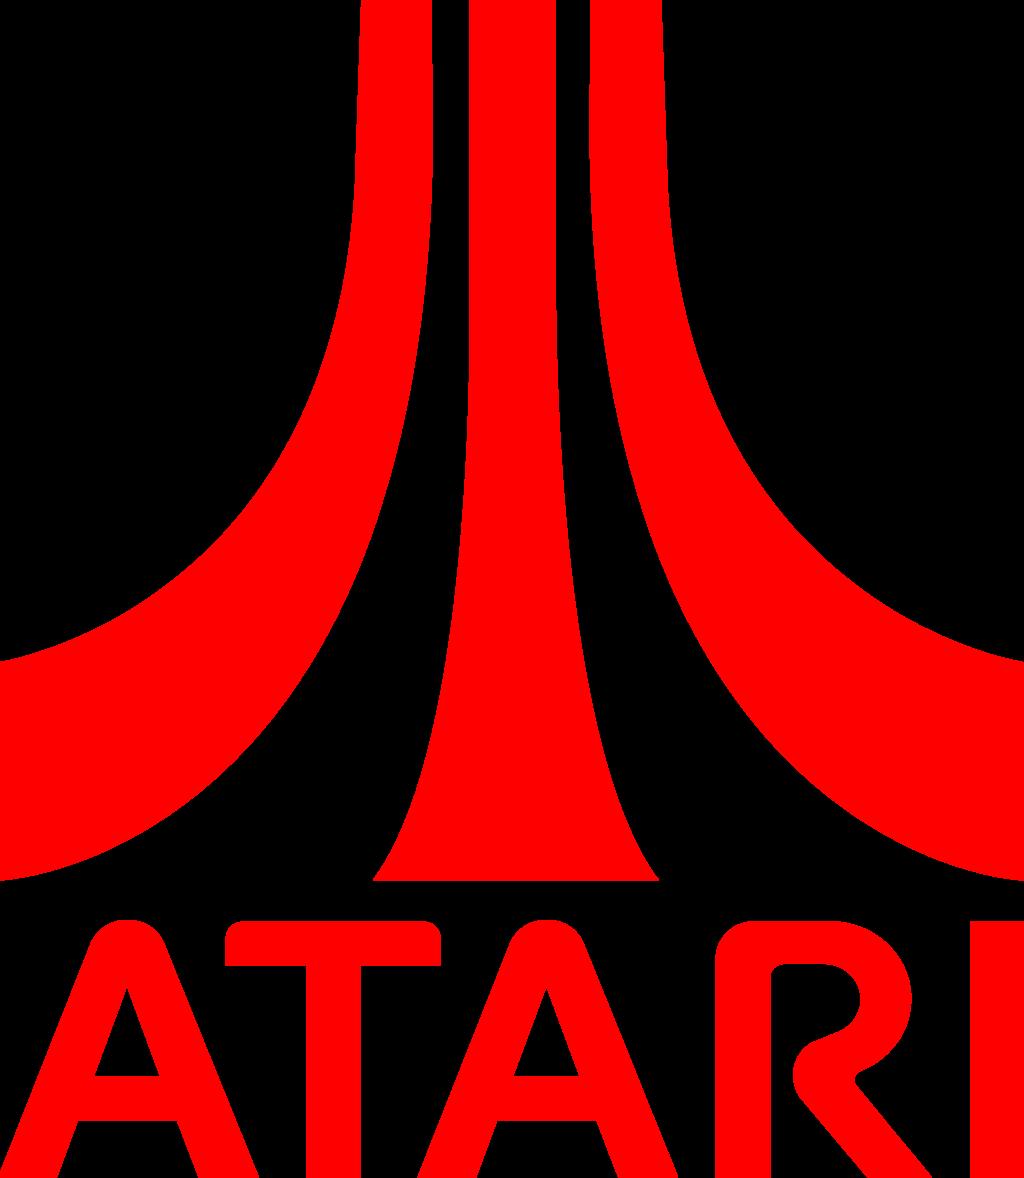 Logo Atari Png Hdpng Pluspng.com 1024   Logo Atari Png - Asmpf, Transparent background PNG HD thumbnail